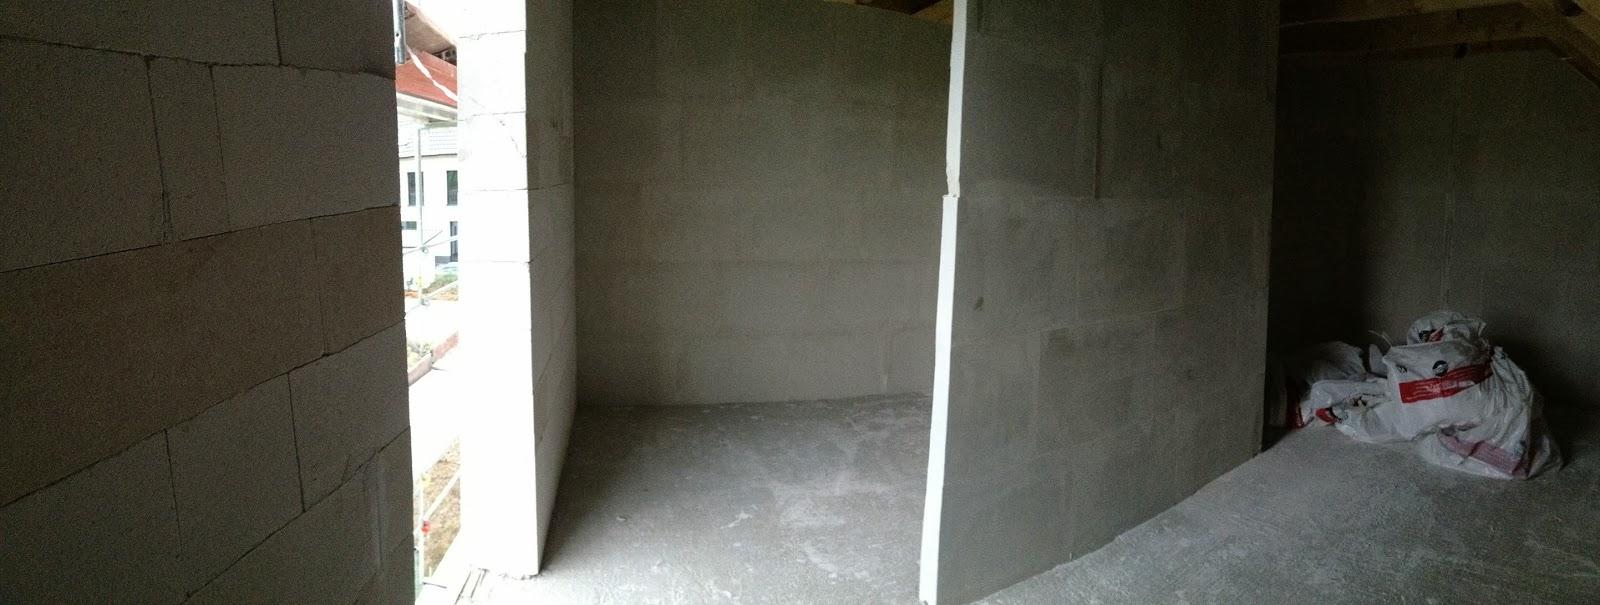 hausbau von mario diana innenw nde und dach. Black Bedroom Furniture Sets. Home Design Ideas